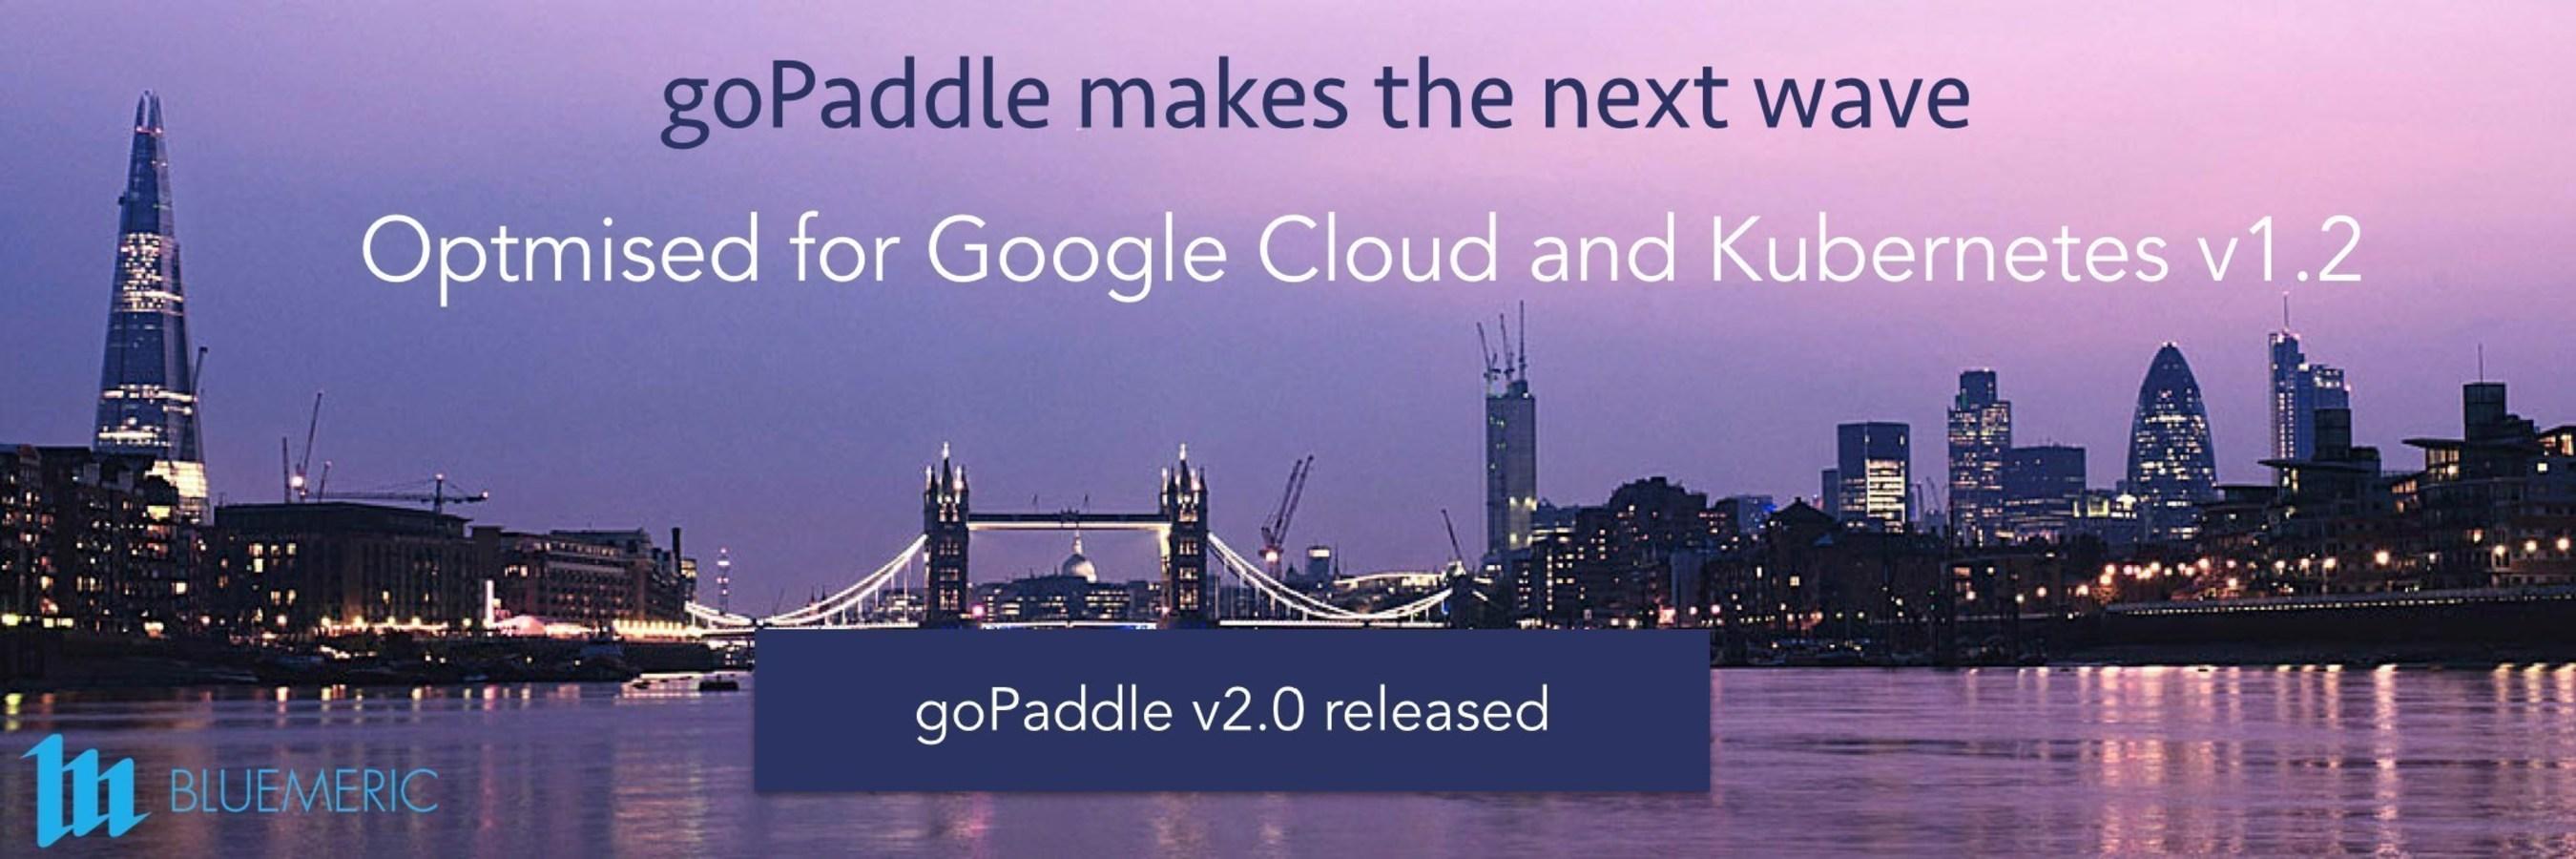 goPaddle optimised for Google Cloud and Kubernetes v1.2